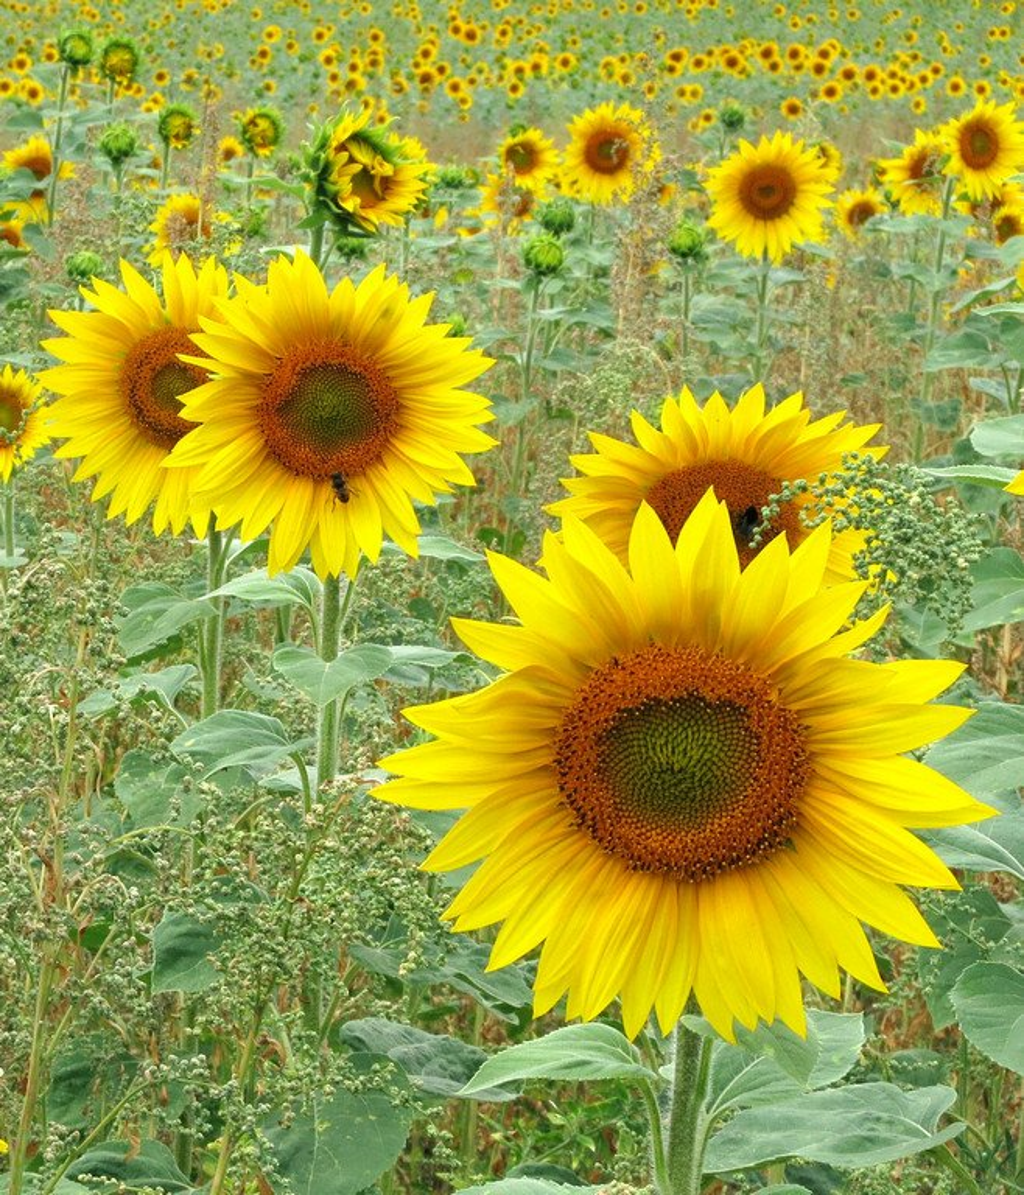 170711 - Sunflower field by bob65